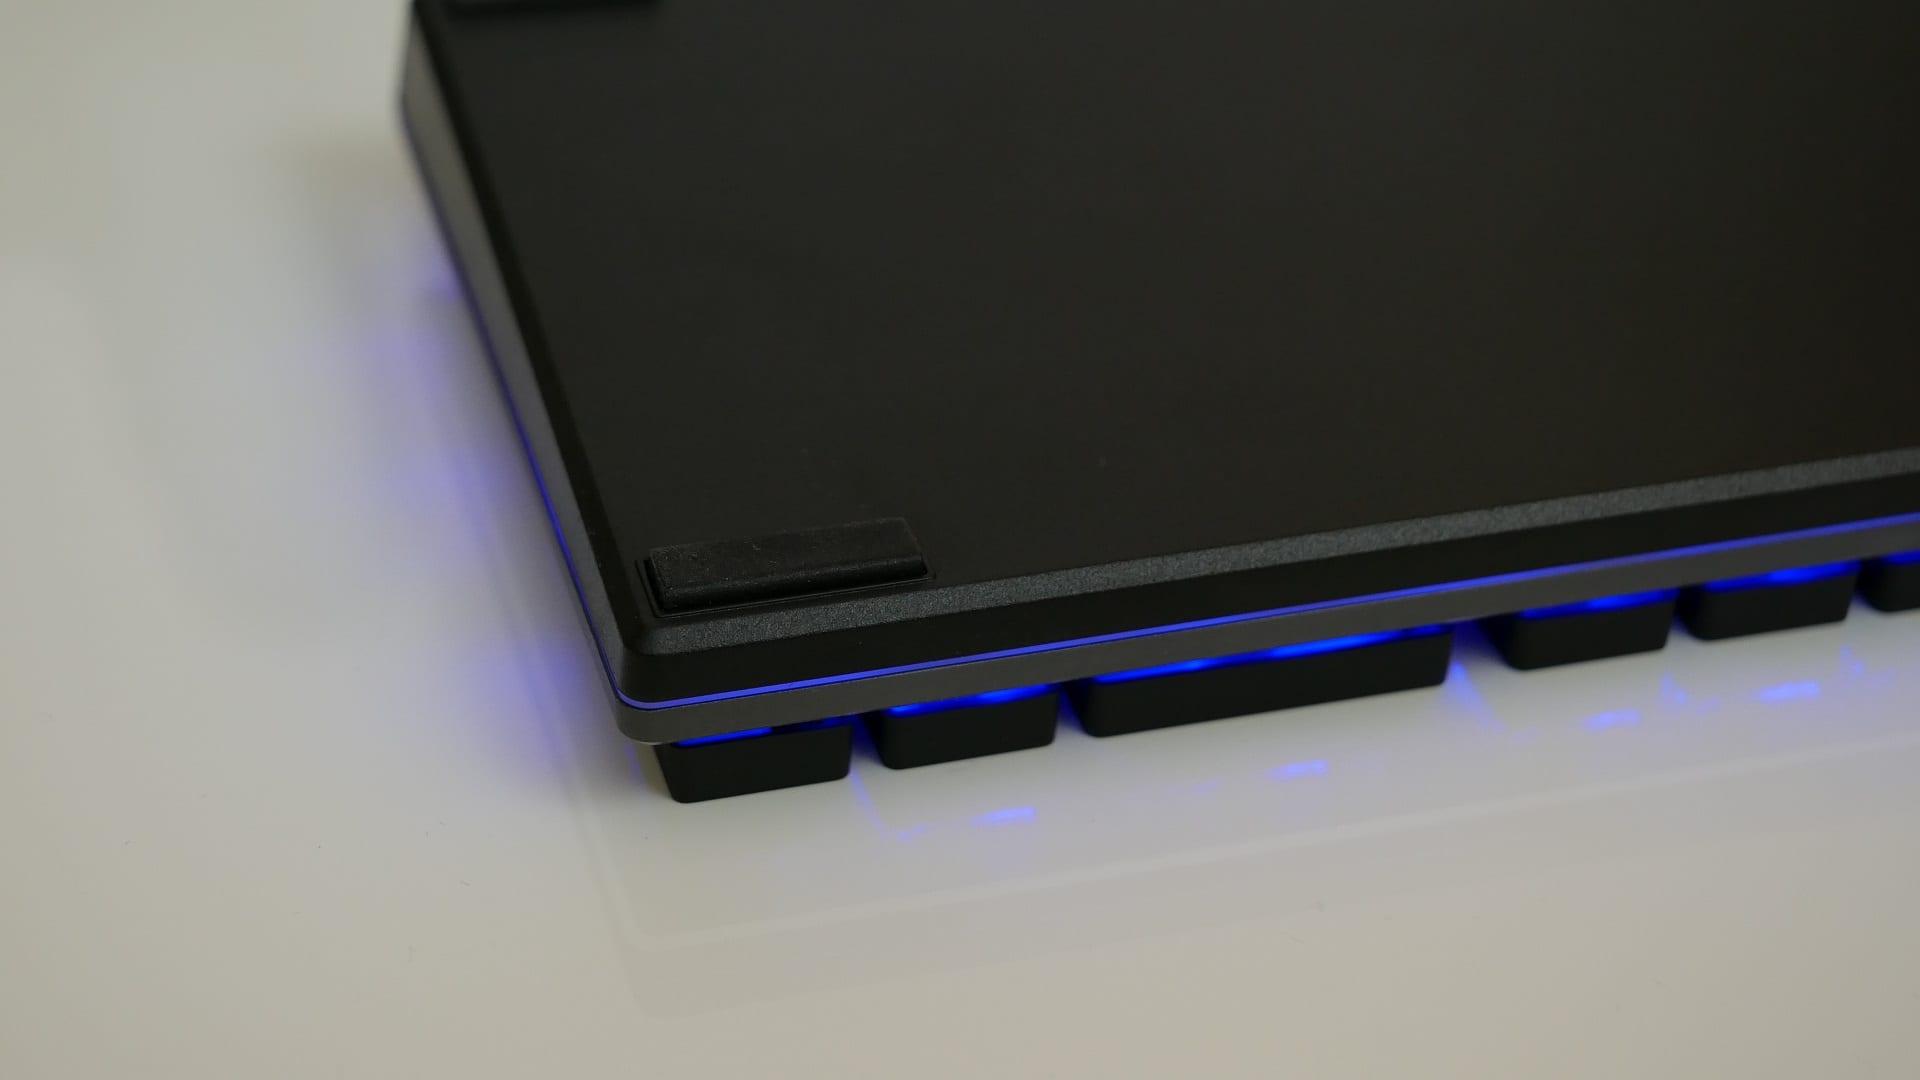 , Cooler Master SK650 Recensione – Tastiera meccanica Low Profile